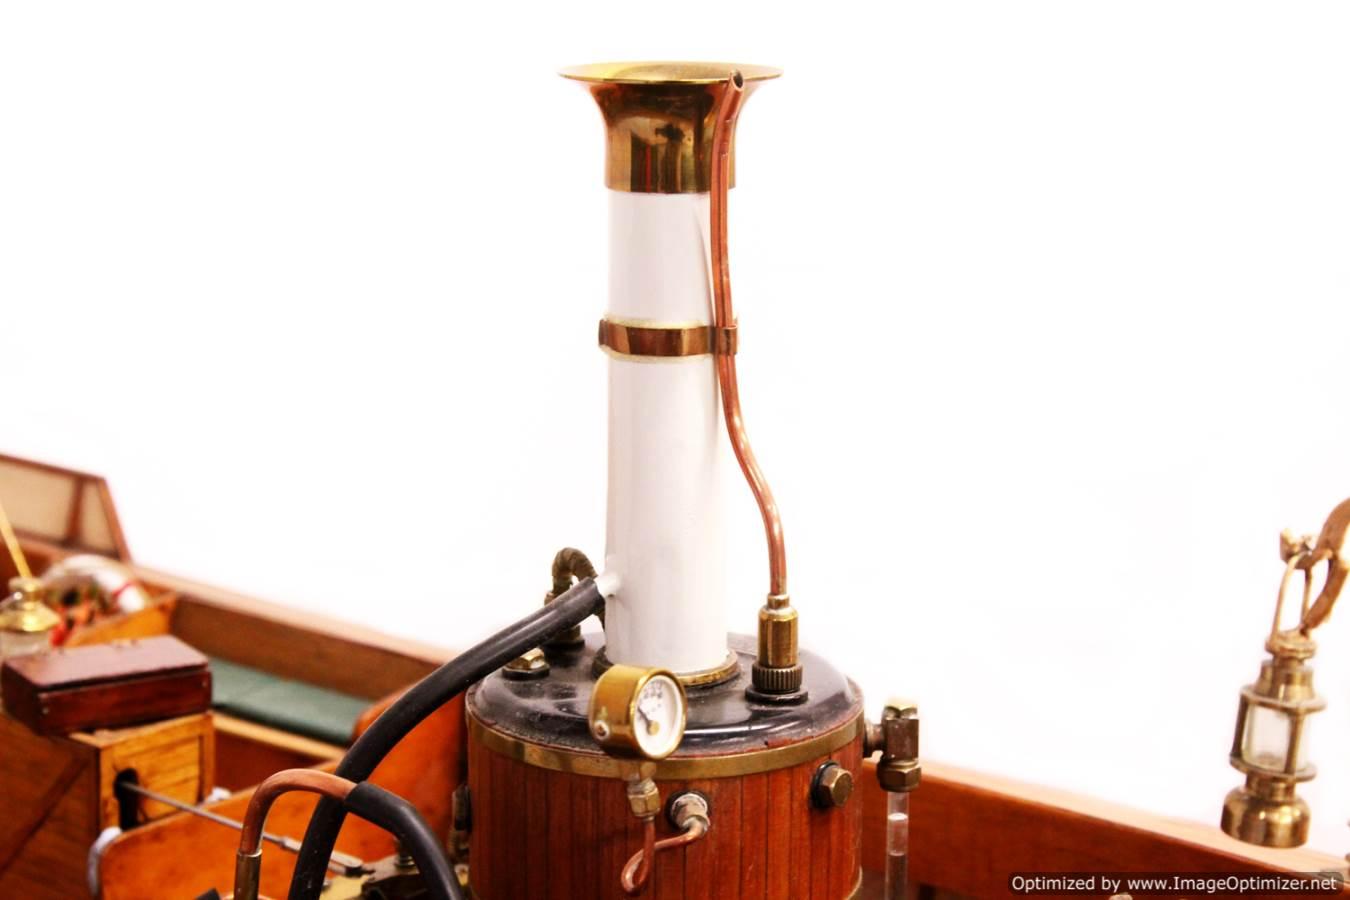 test bockrum-cheddar-steam-boat-live-steam-model-for-sale-02-optimized